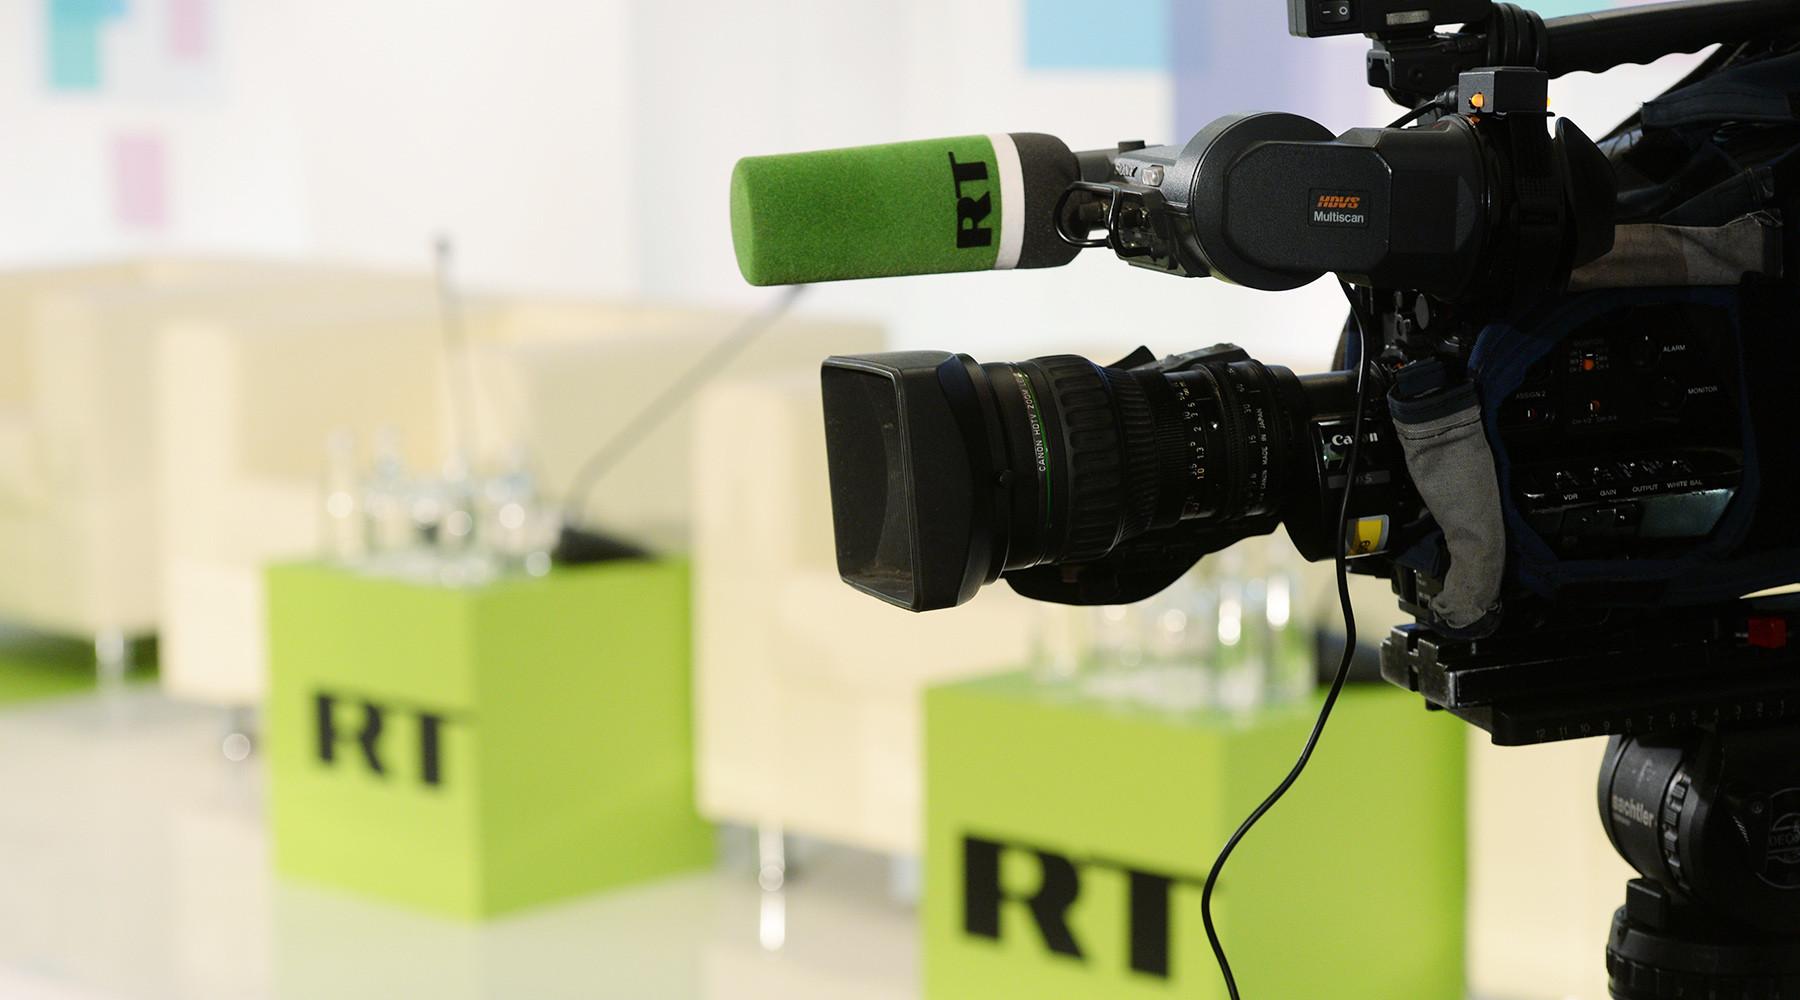 Госдепартамент США намерен следить за освещением американской политики иностранными СМИ.